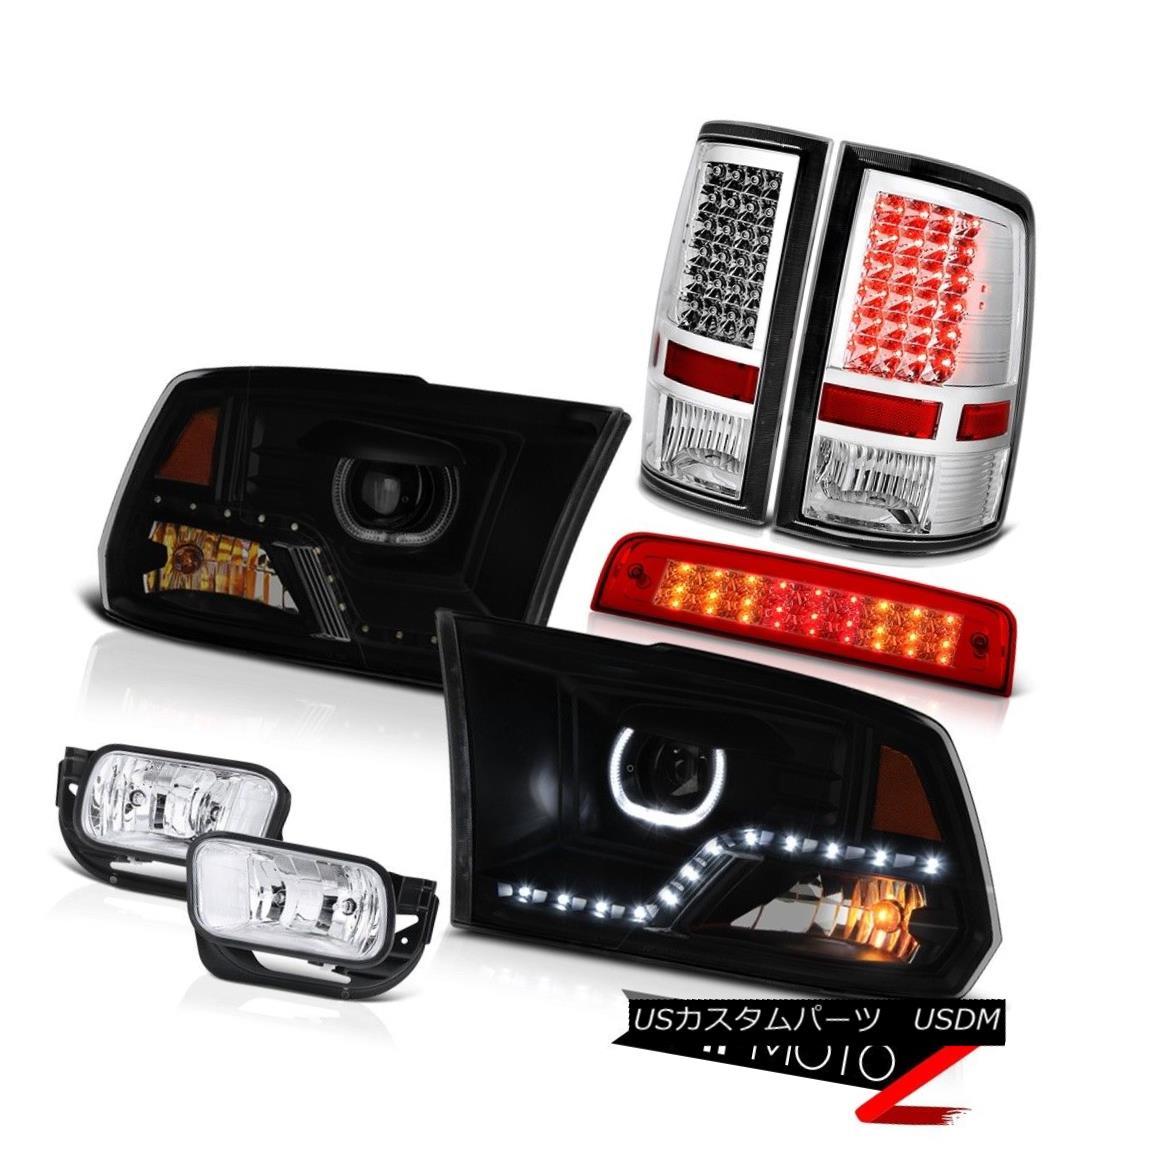 テールライト 09 10 11-18 Dodge RAM 2500 DRL Headlamps Brake Light Fog Lights Tail Lamp PAIR 09 10 11-18ダッジRAM 2500 DRLヘッドランプブレーキライトフォグライトテールランプペア